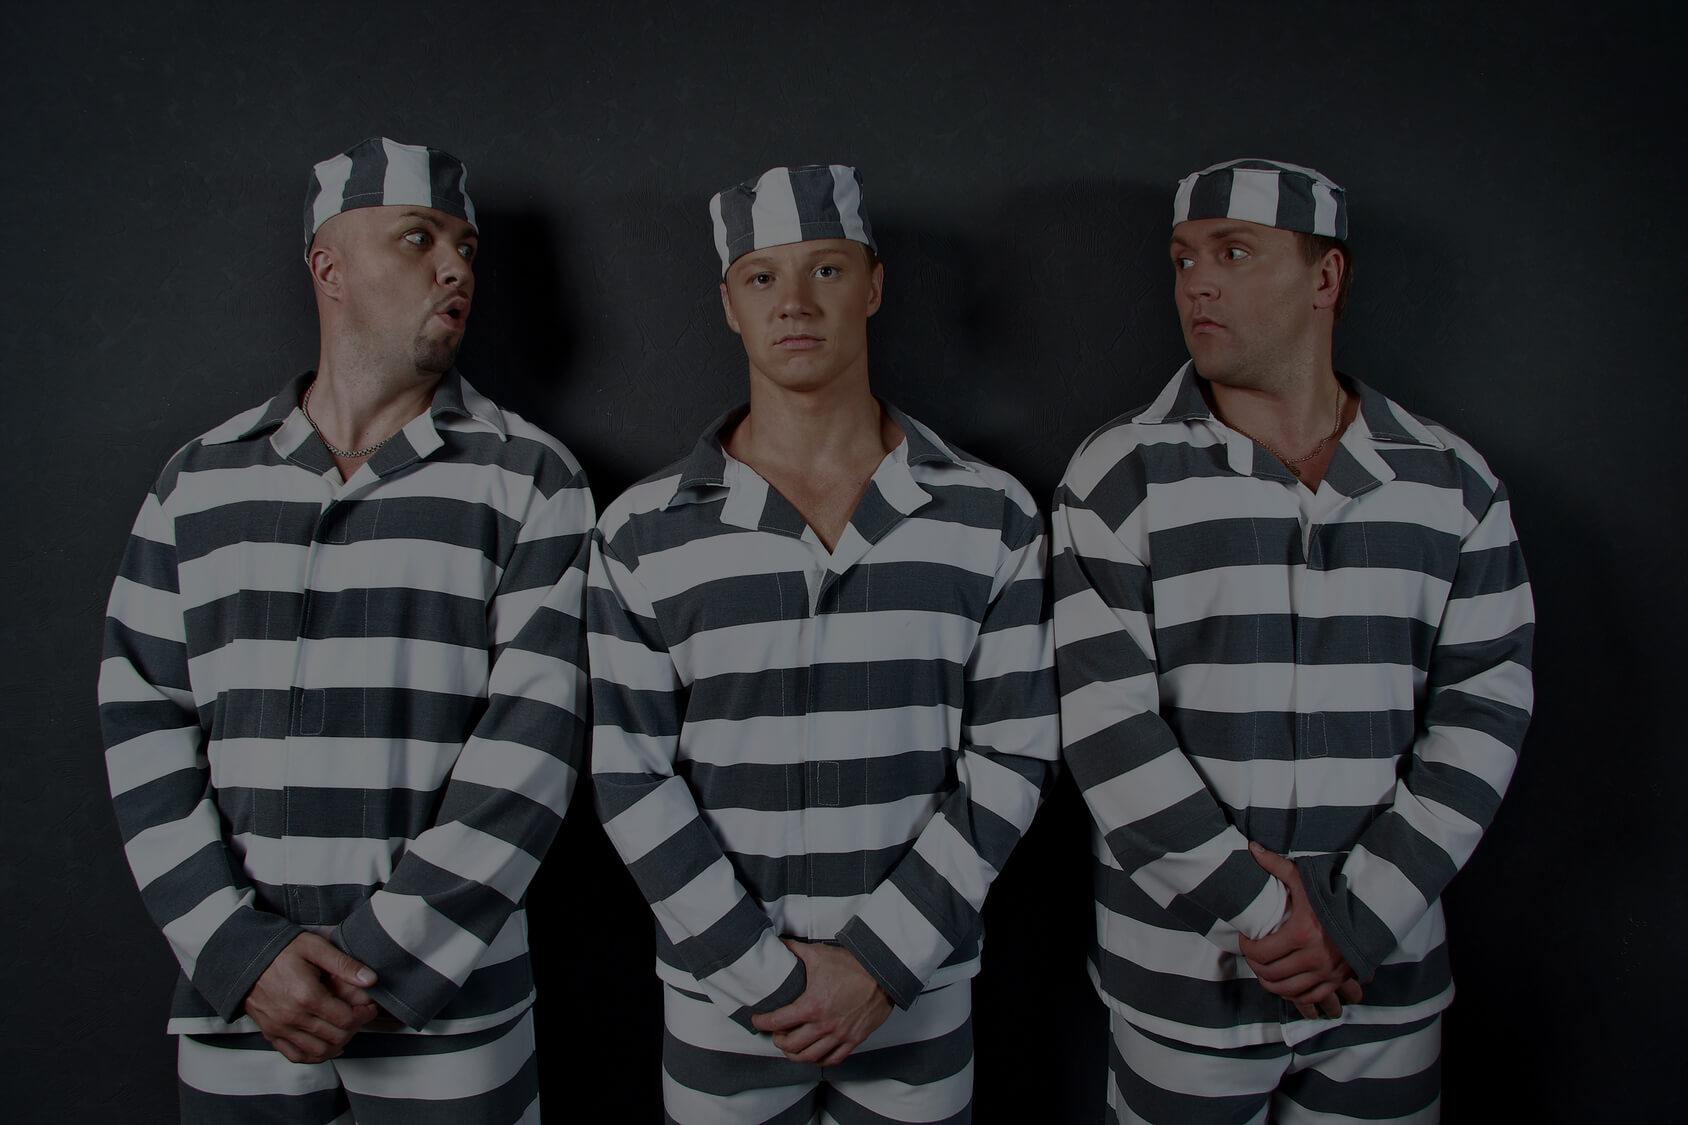 zaklad karny wiezienie więzień kara pozbawienia wolnosci